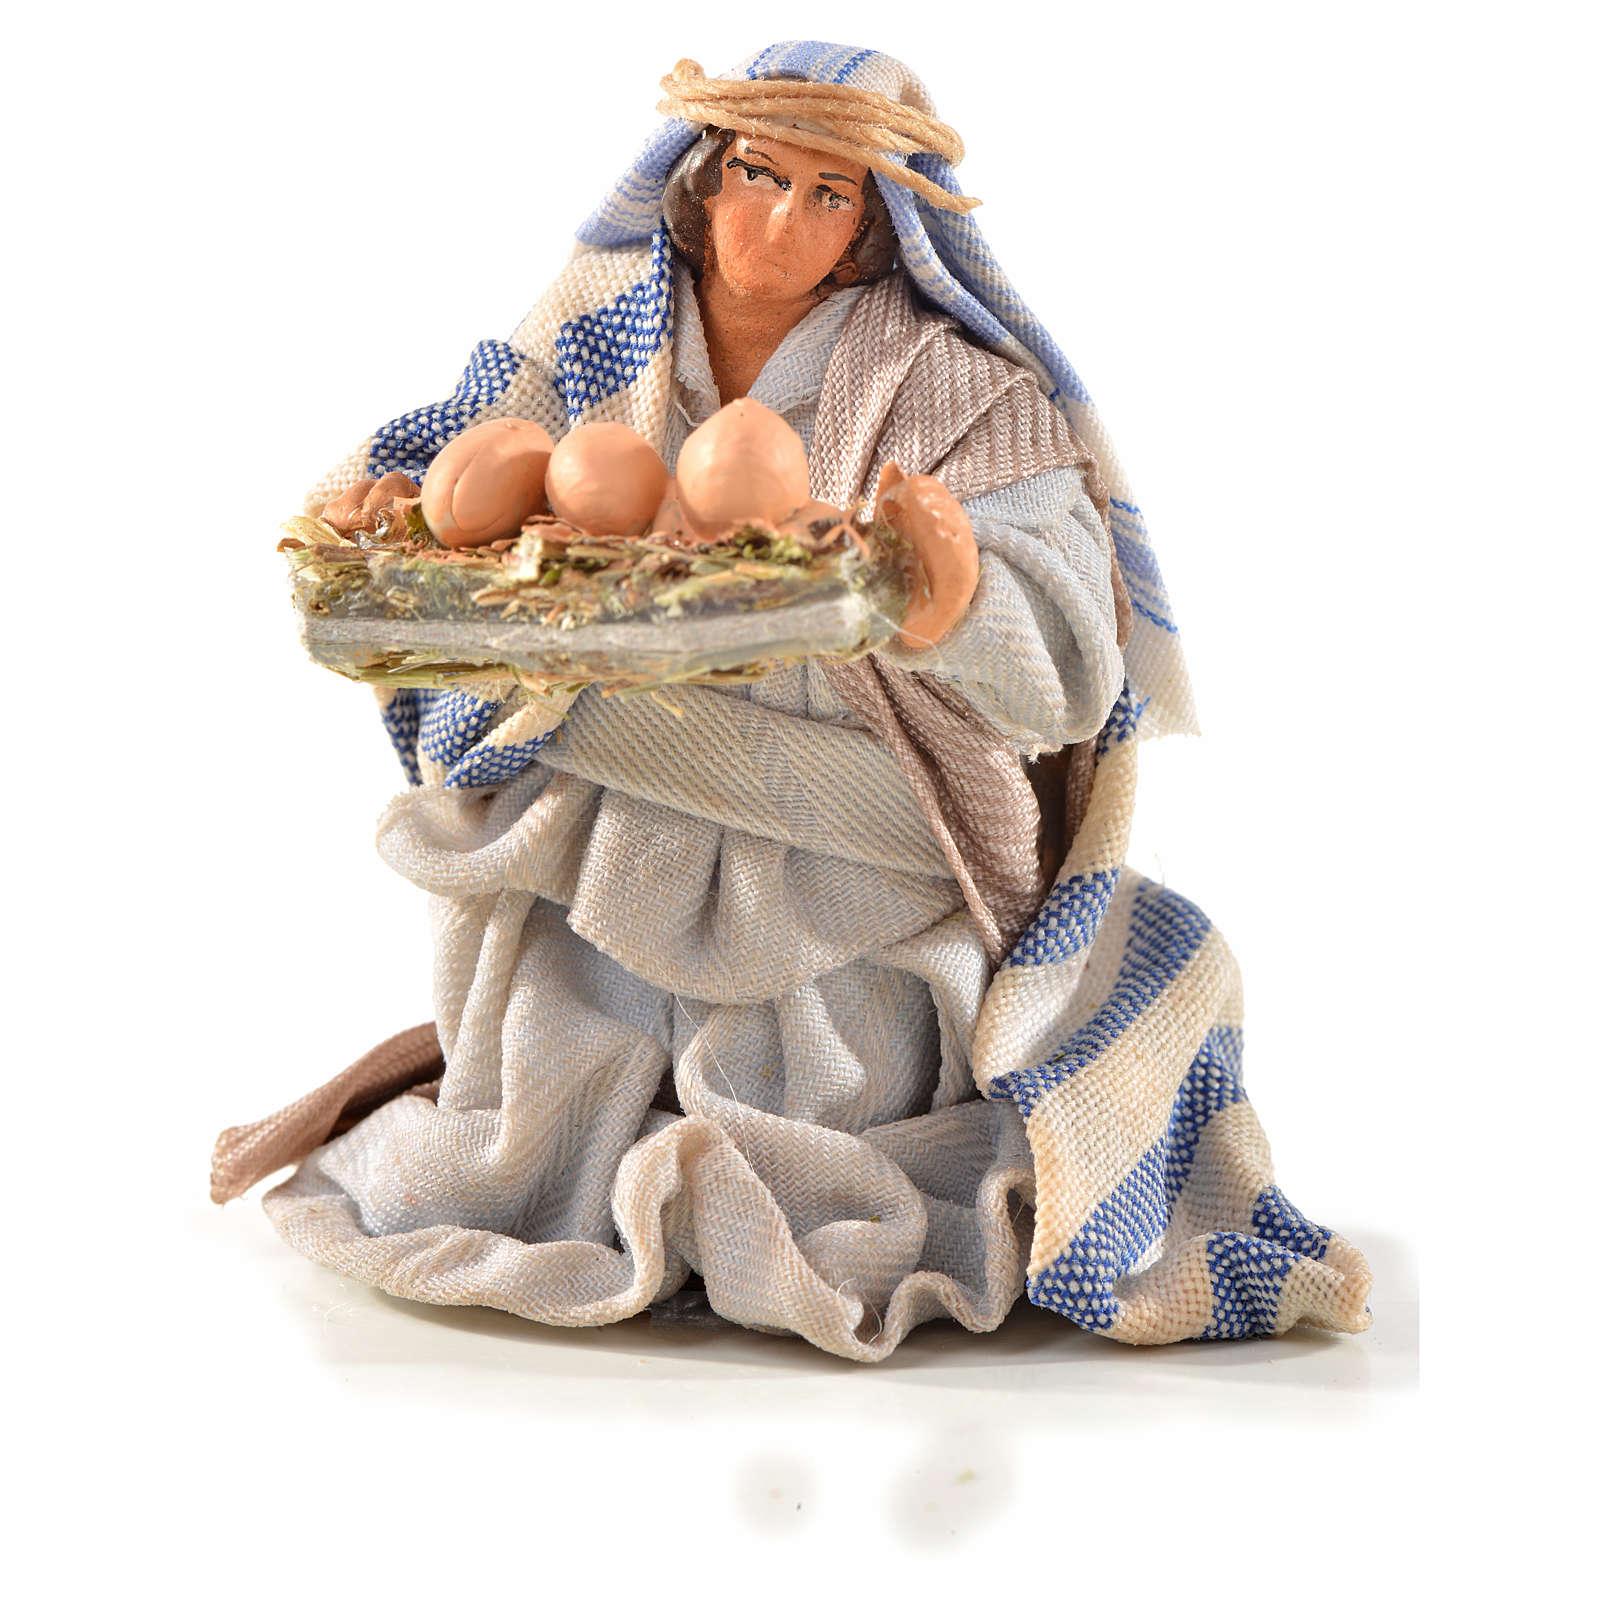 Uomo con uova 6 cm presepe Napoli stile arabo 4